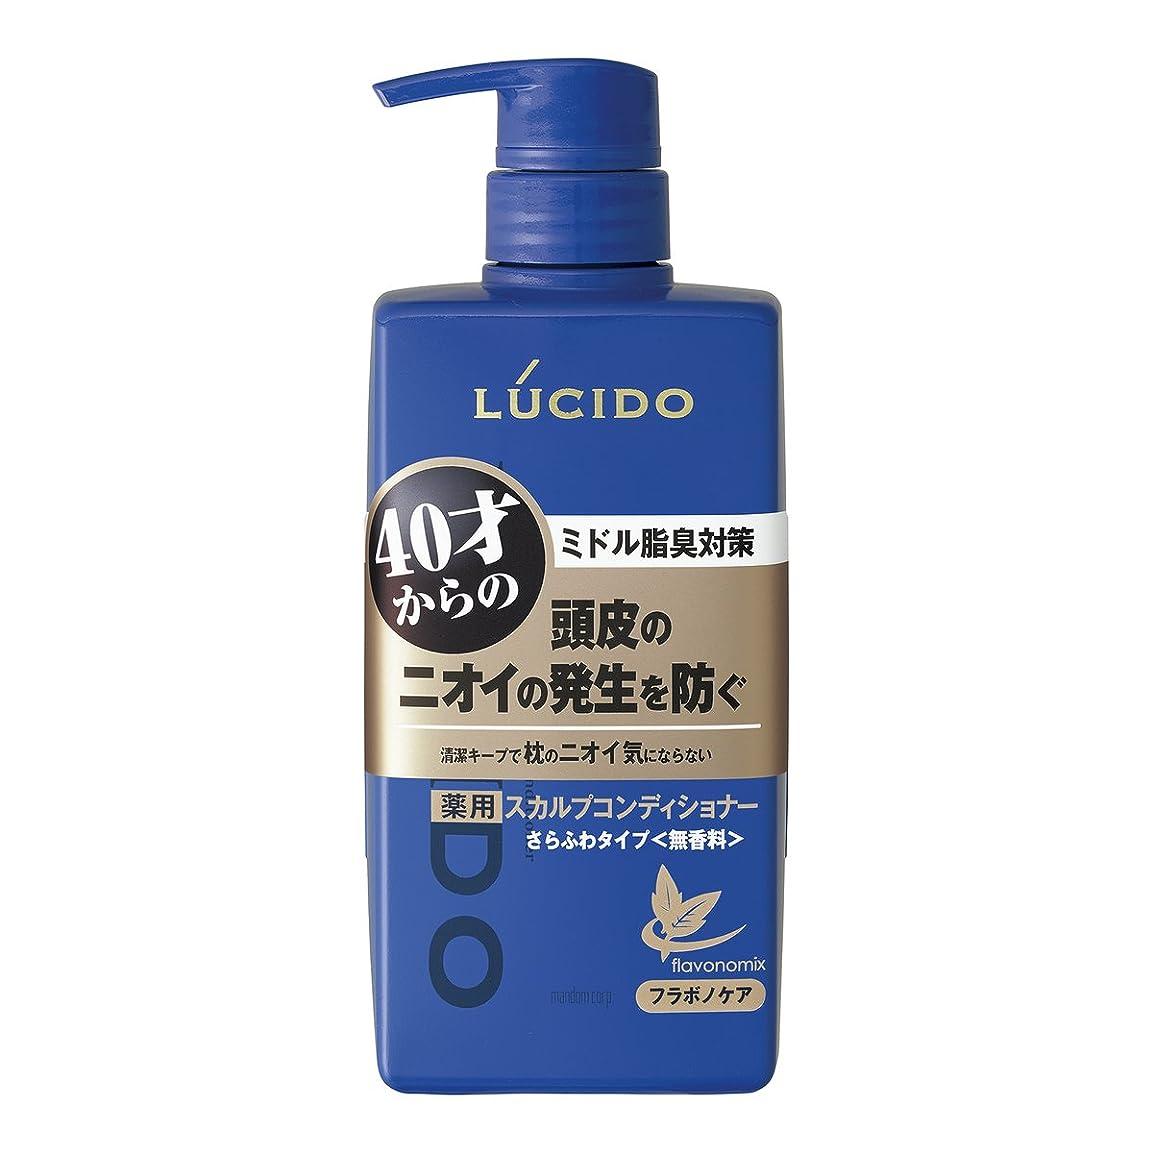 シネマ毛布チャンピオンシップルシード 薬用ヘア&スカルプコンディショナー 450g(医薬部外品)